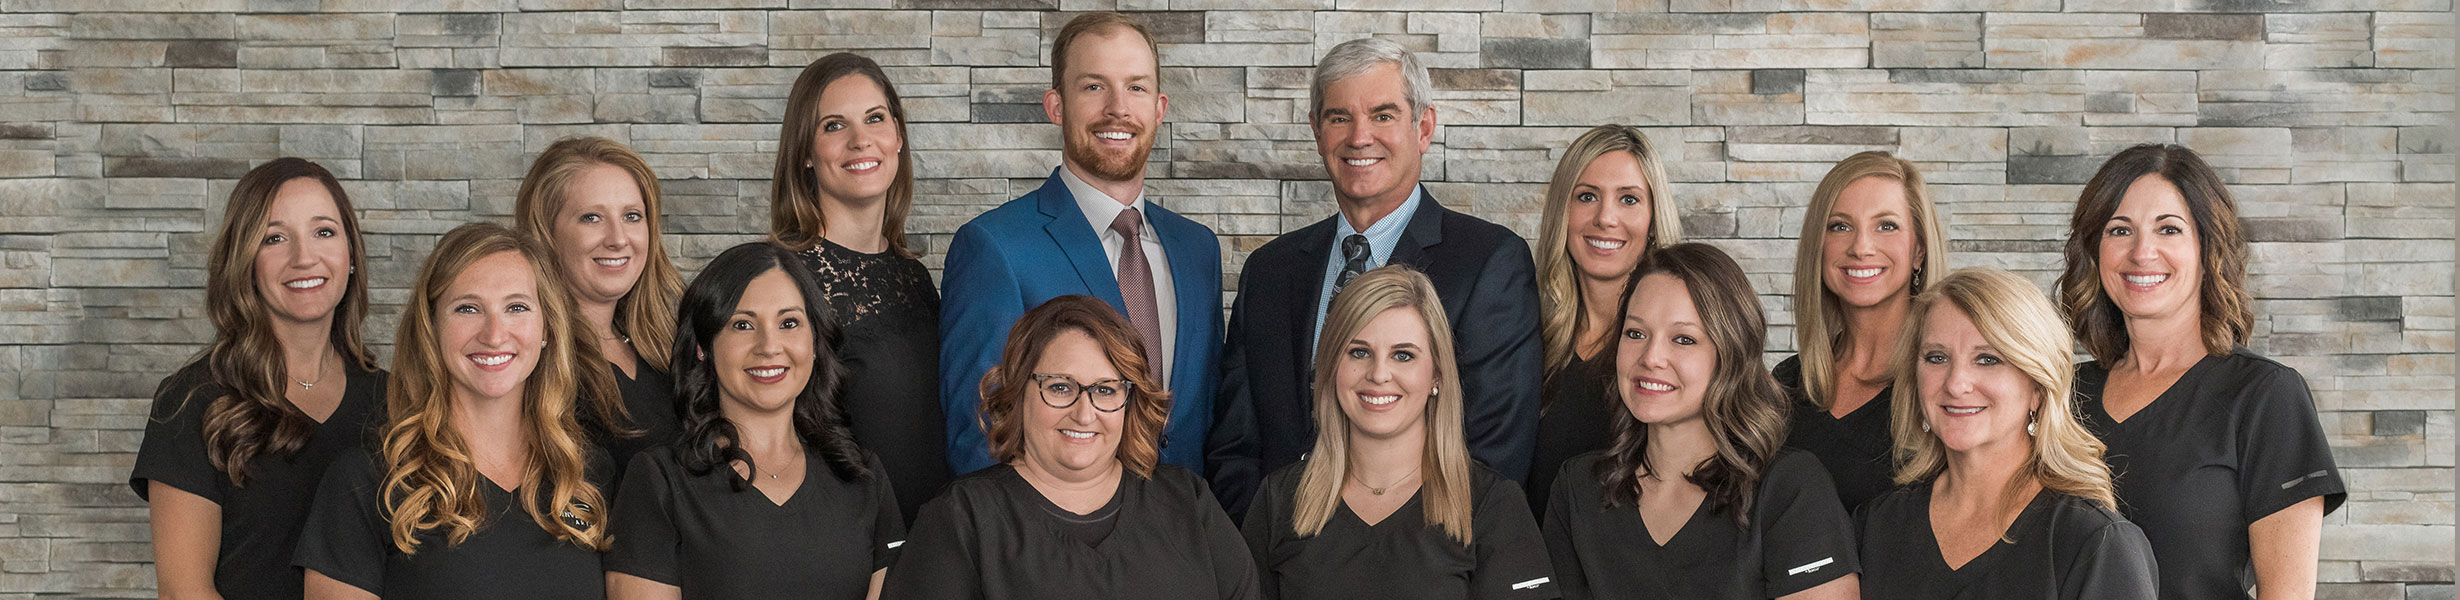 Denver Dental Arts Team